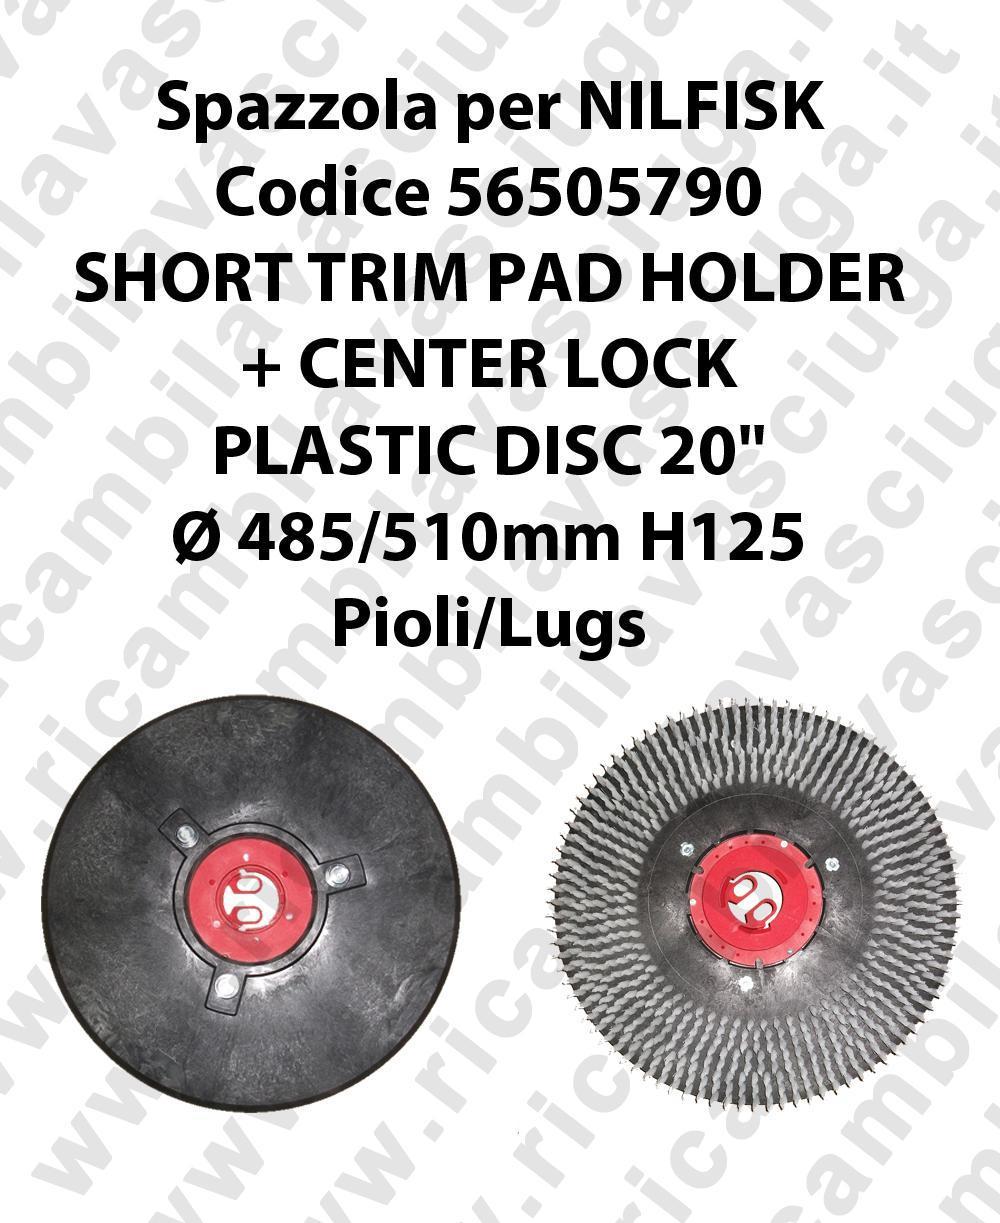 SHORT TRIM PAD HOLDER + CENTERLOCK pour autolaveuses NILFISK code 56505790